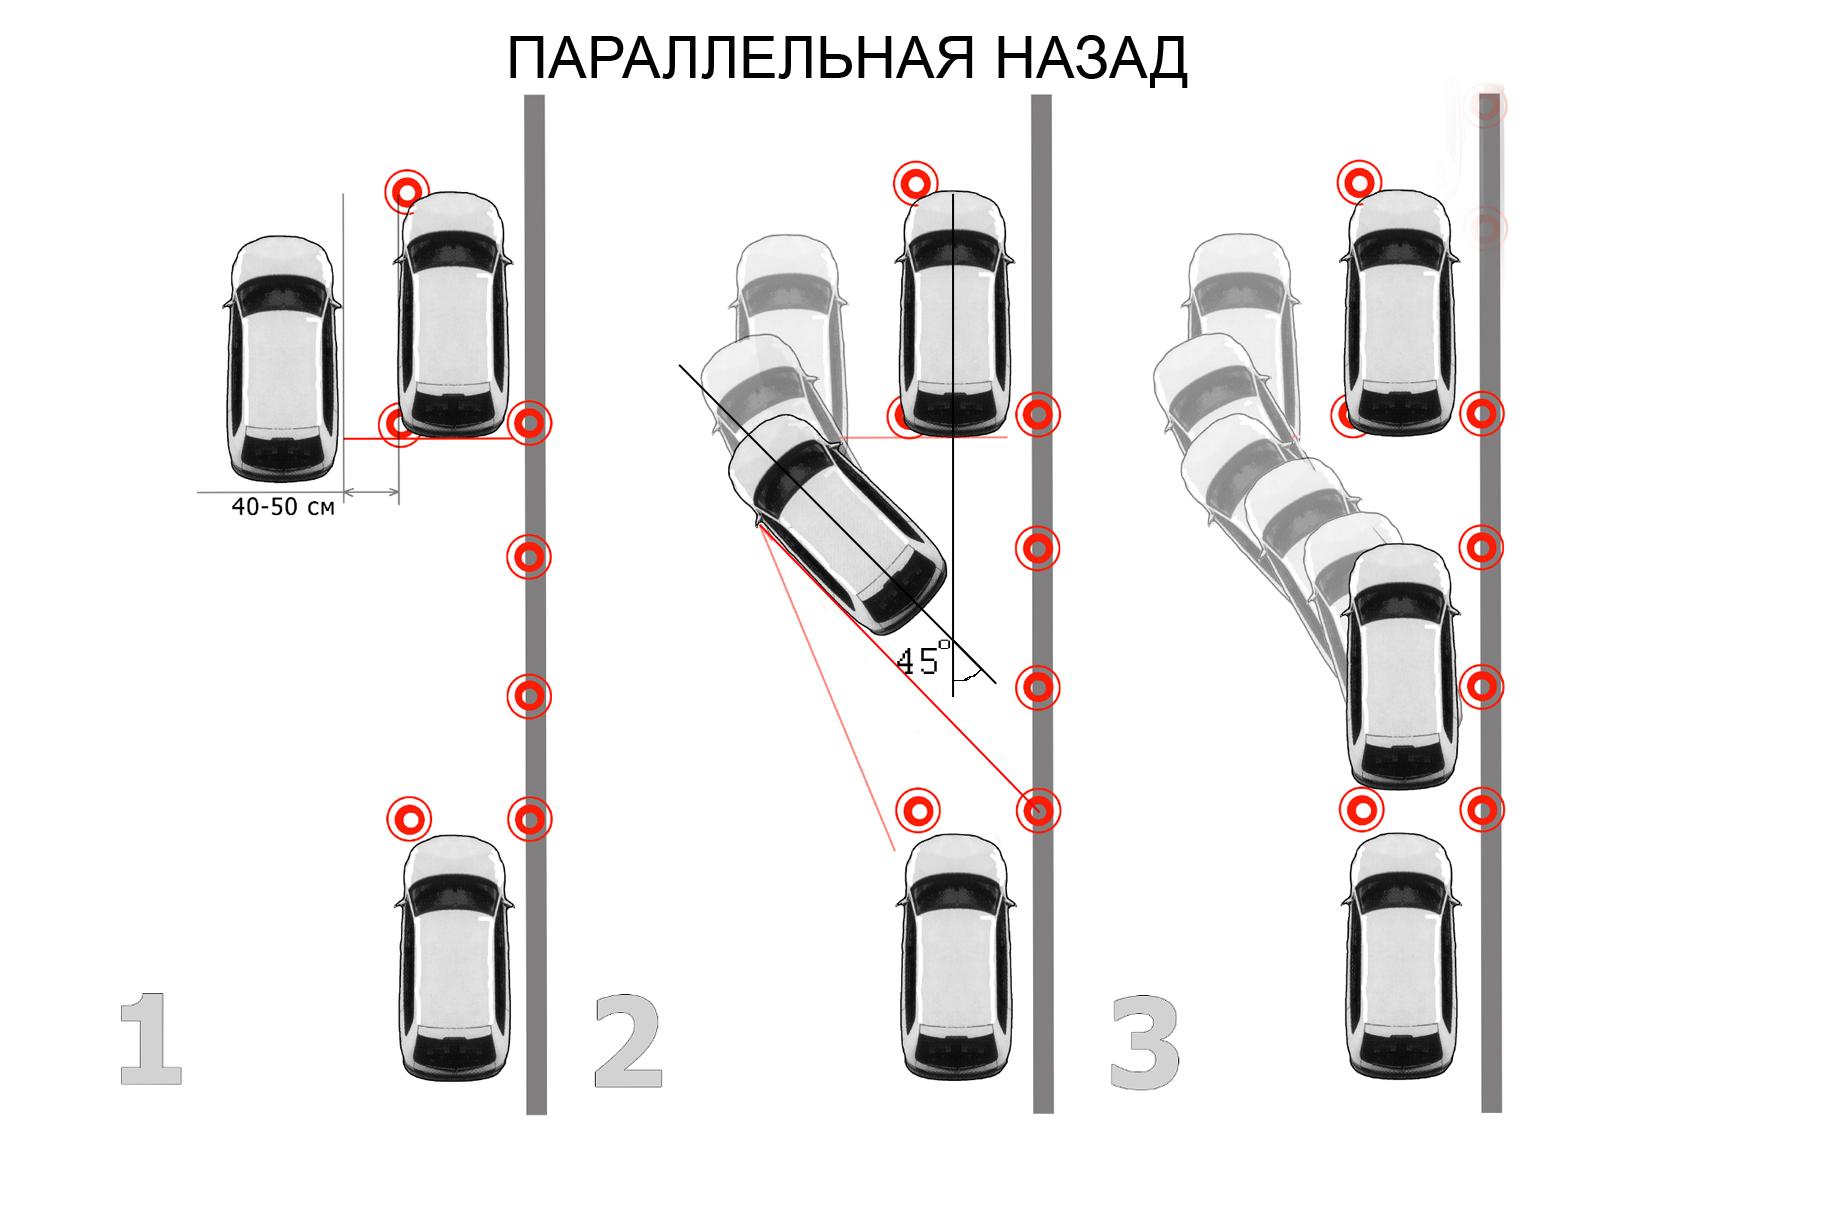 Как правильно выезжать с парковки схема